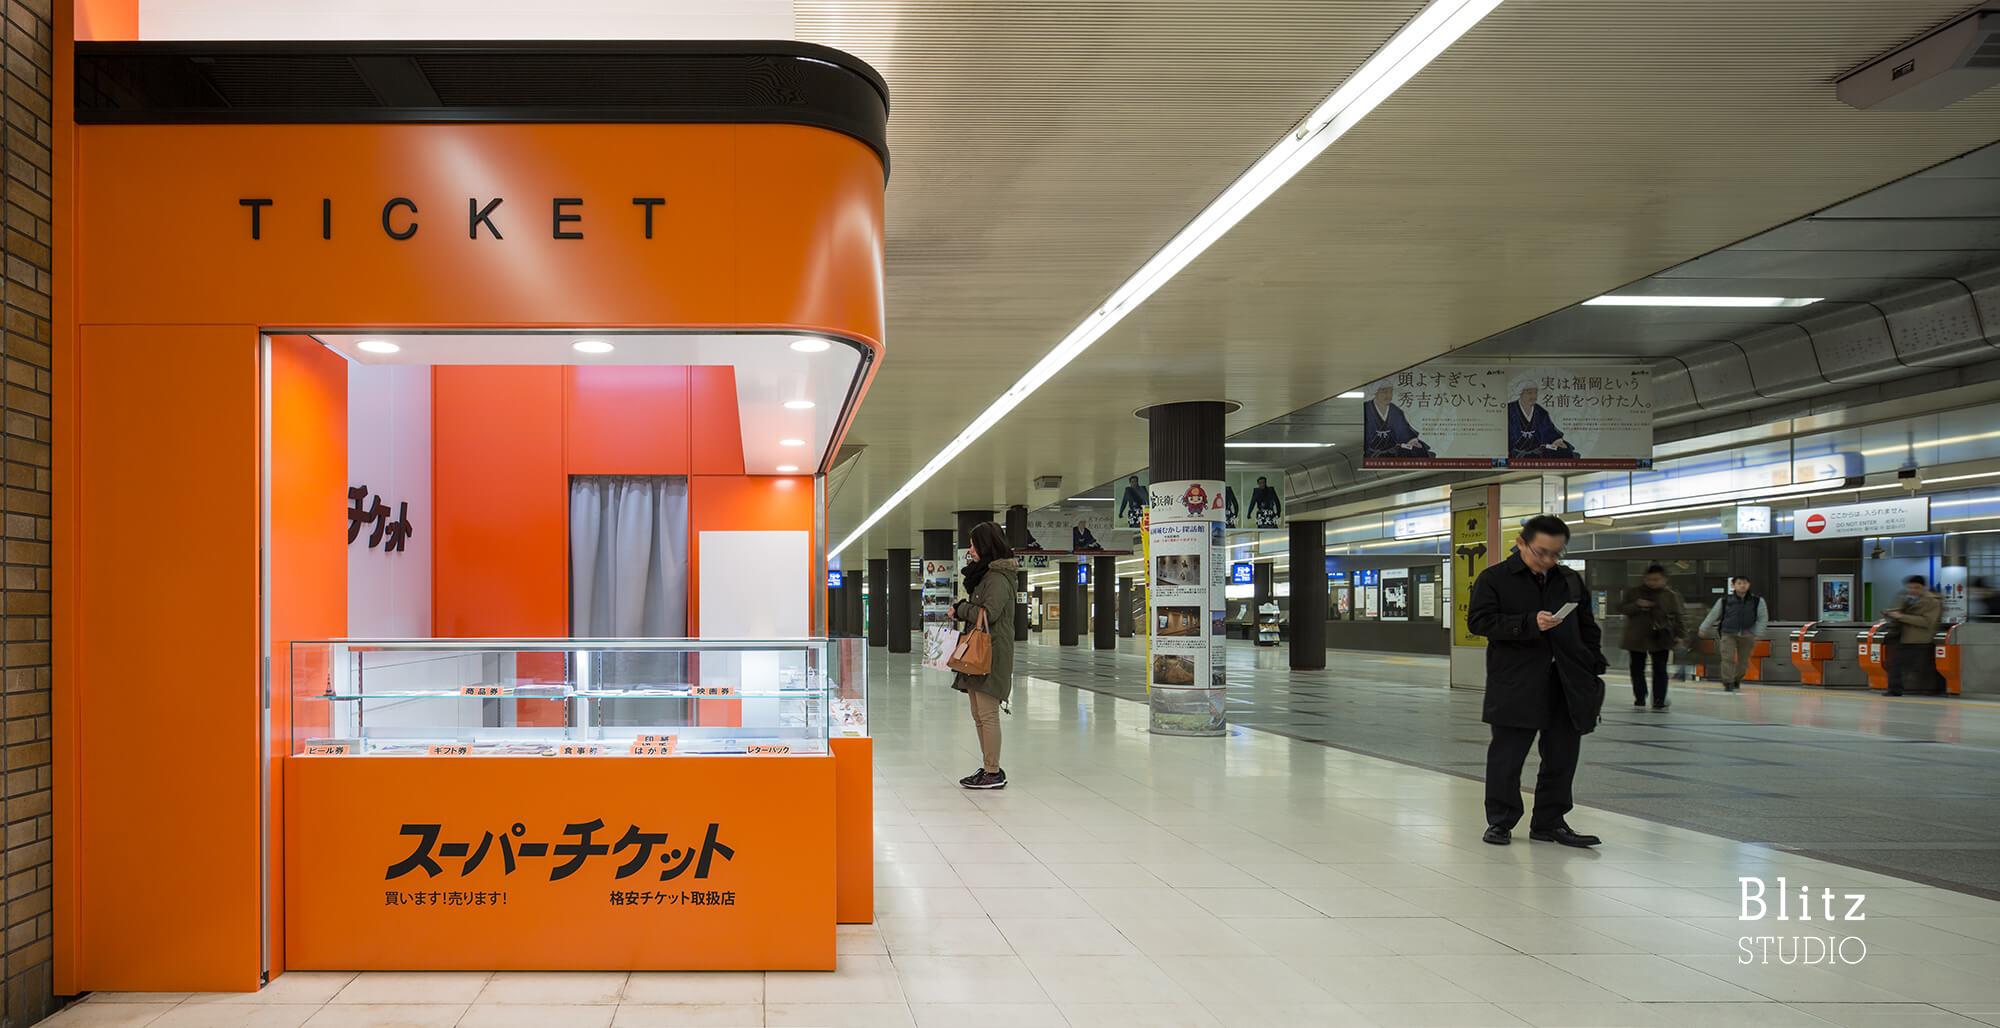 『スーパーチケット 地下鉄博多口店』-福岡県福岡市-建築写真・竣工写真・インテリア写真3